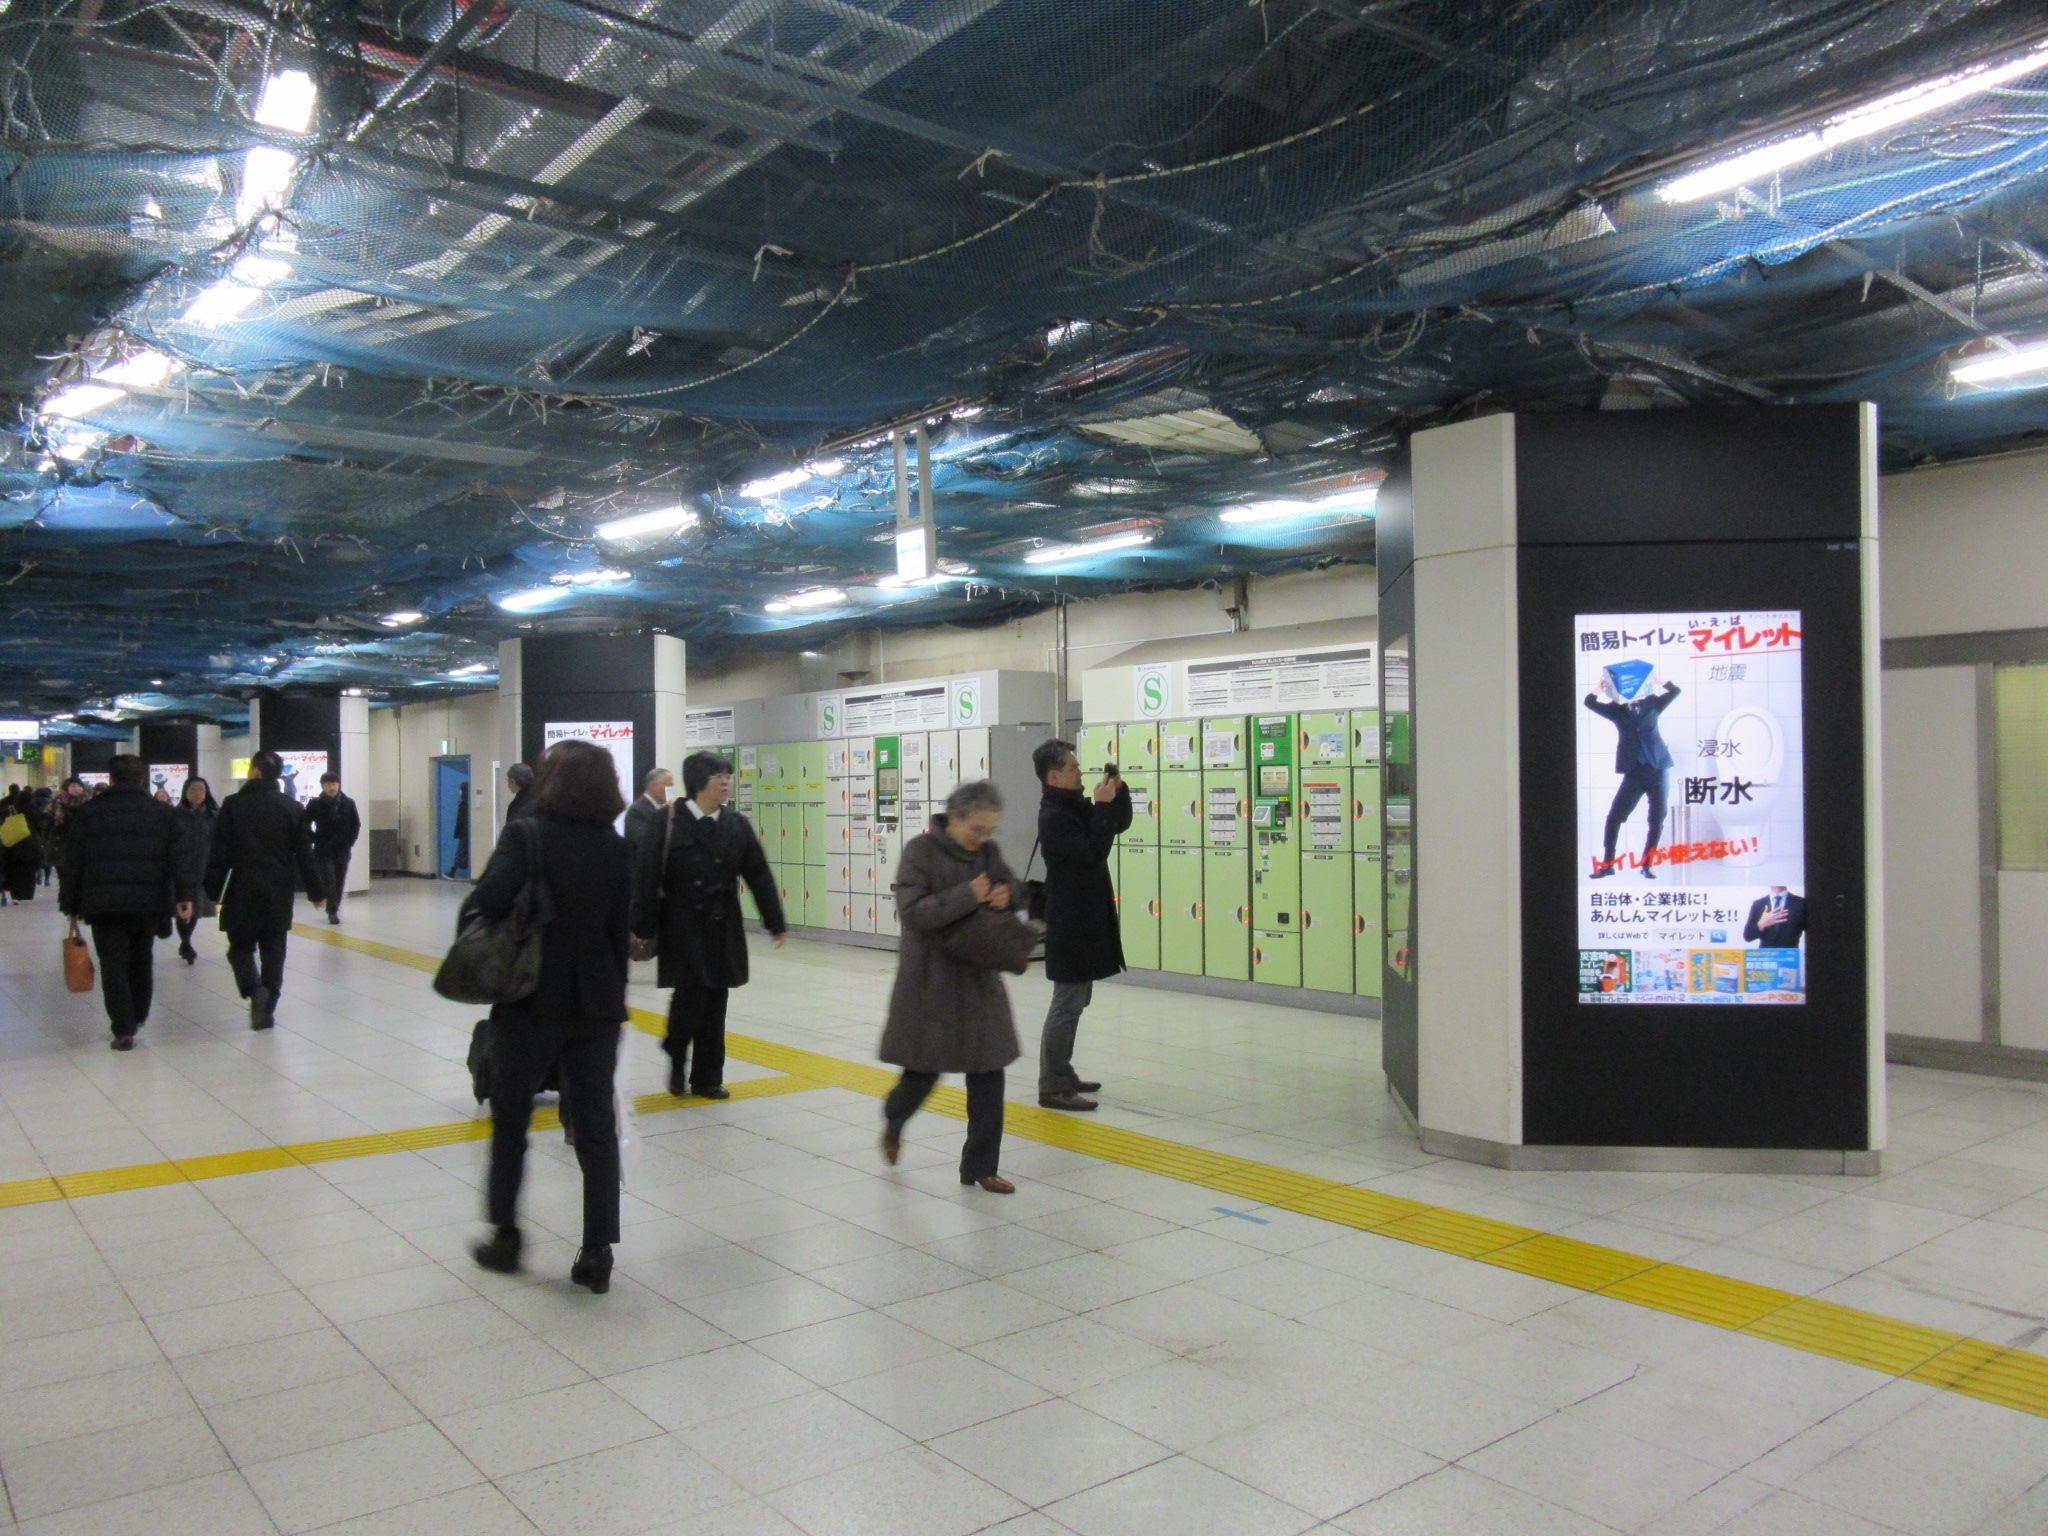 2月よりJR東京駅丸の内地下のデジタルサイネージ(電子看板)にマイレットPRを掲載しています。(2月末まで)